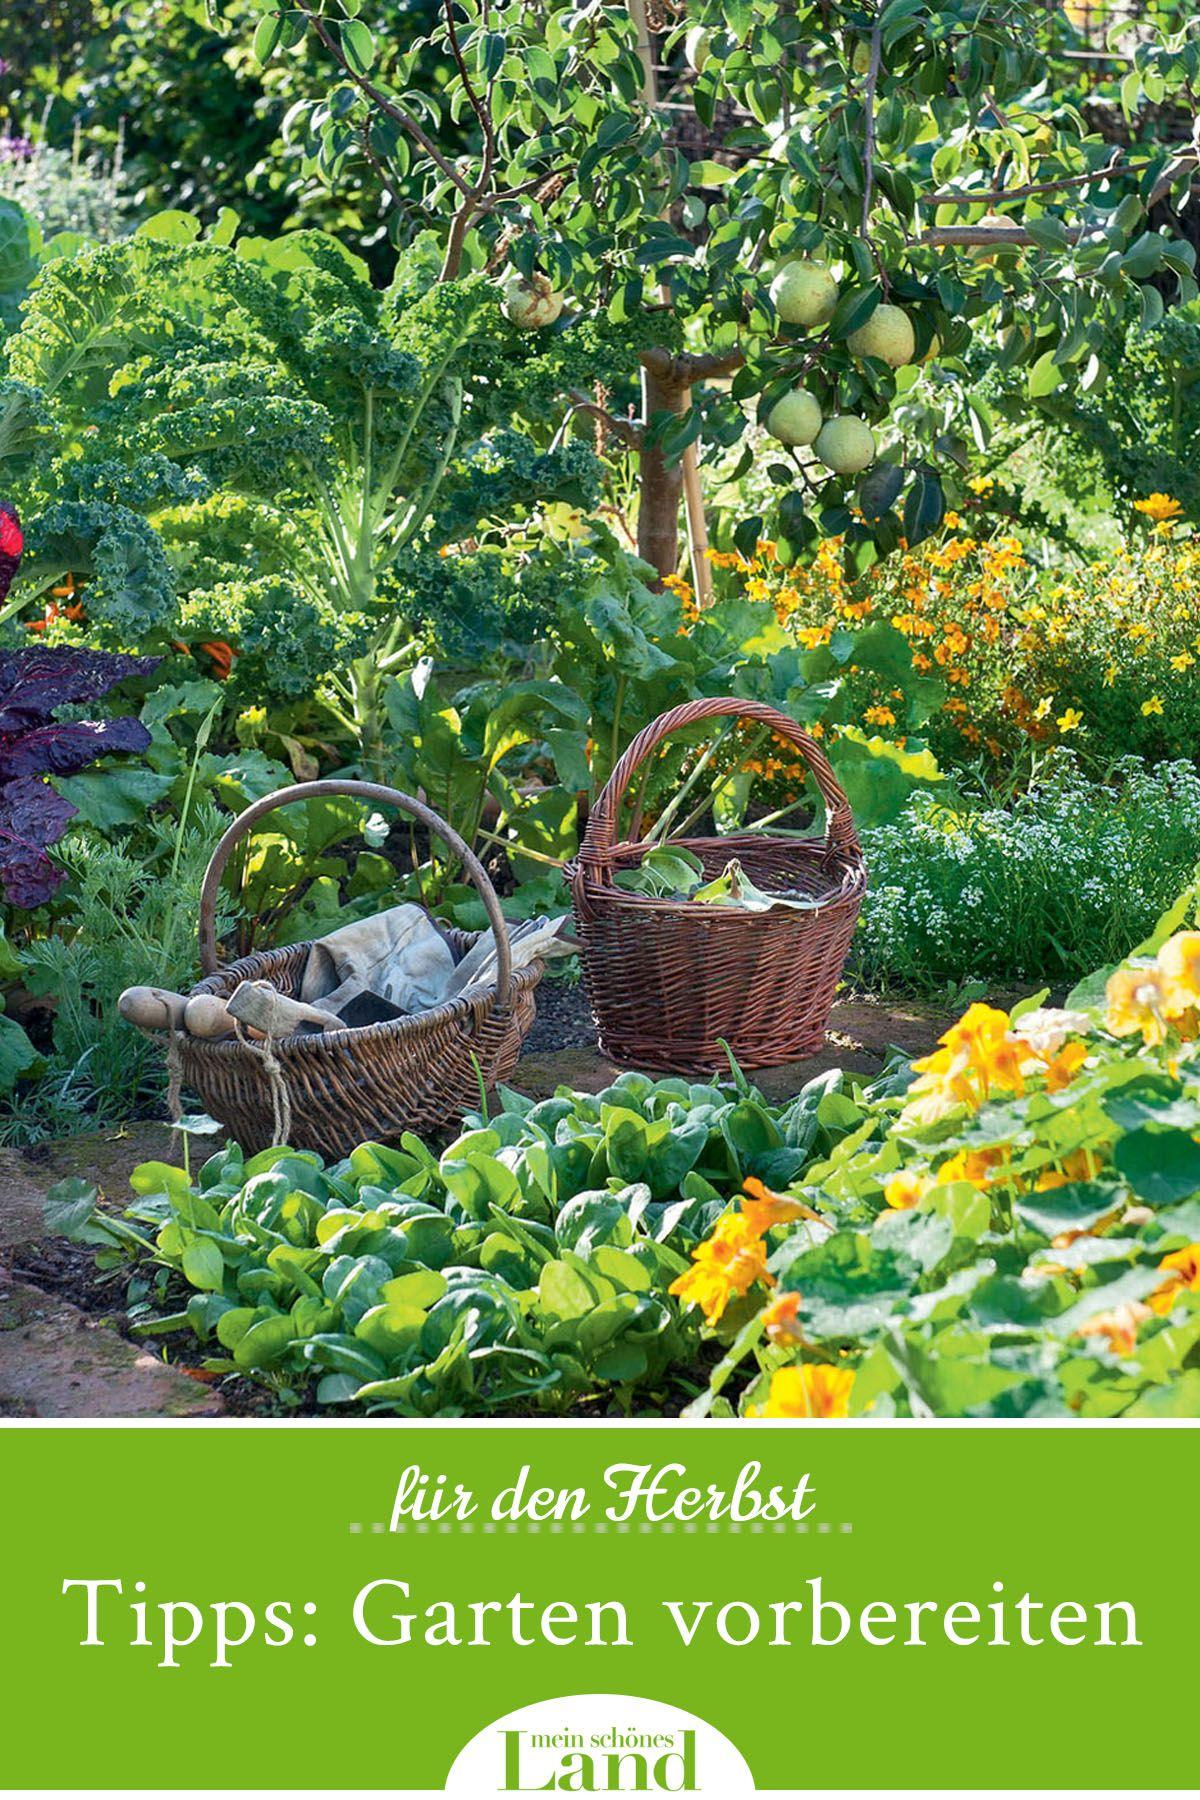 Tipps Und Tricks Garten Fur Den Herbst Vorbereiten Garten Pflanzen Gartentipps